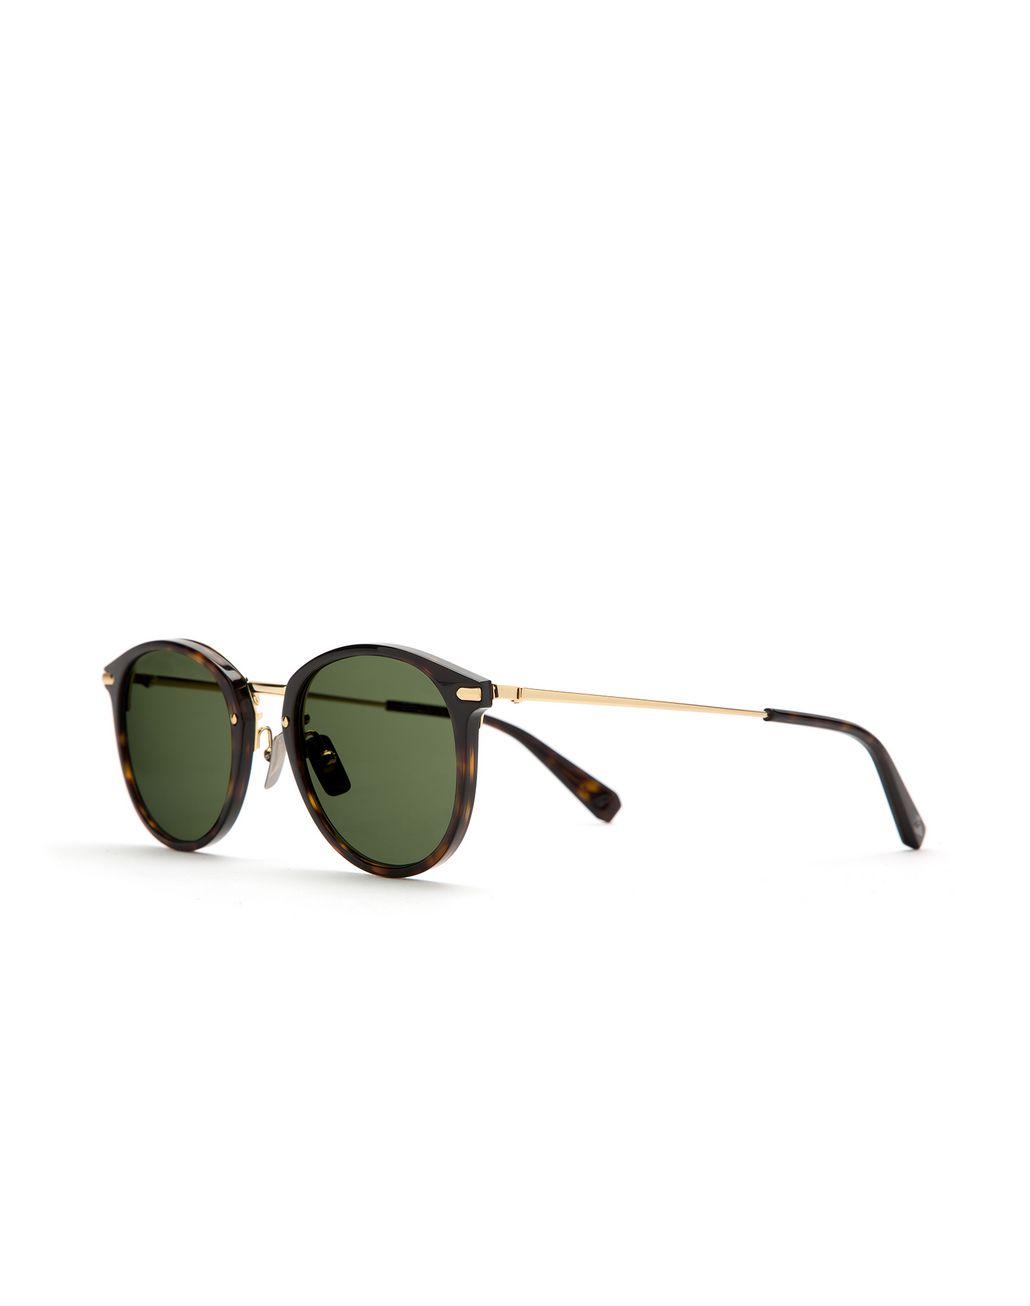 BRIONI Occhiali da Sole Avana con Lenti Verdi Occhiali da Sole Uomo r